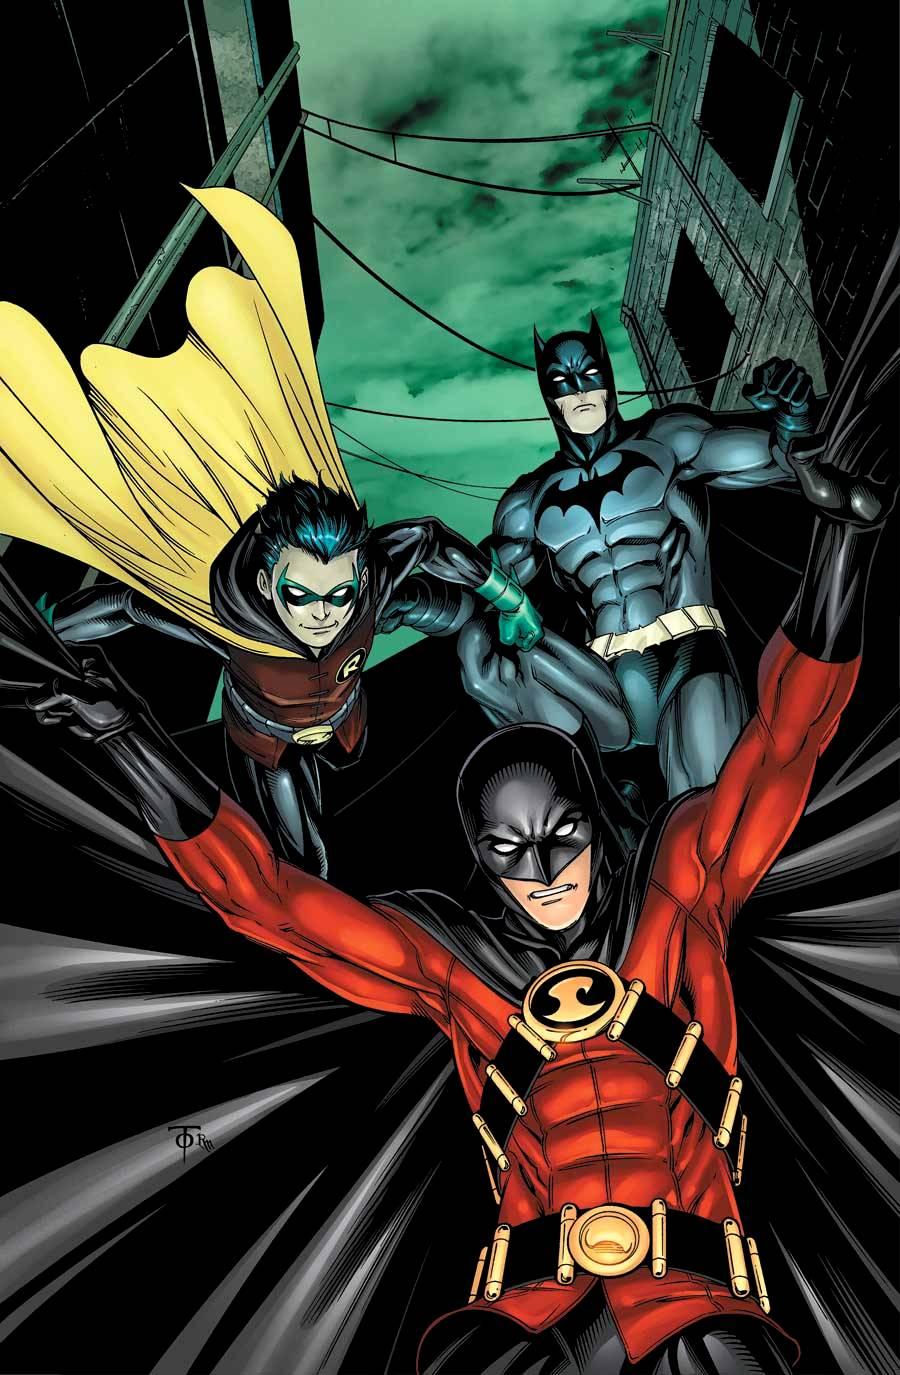 Batman vs robin joker latino dating 10